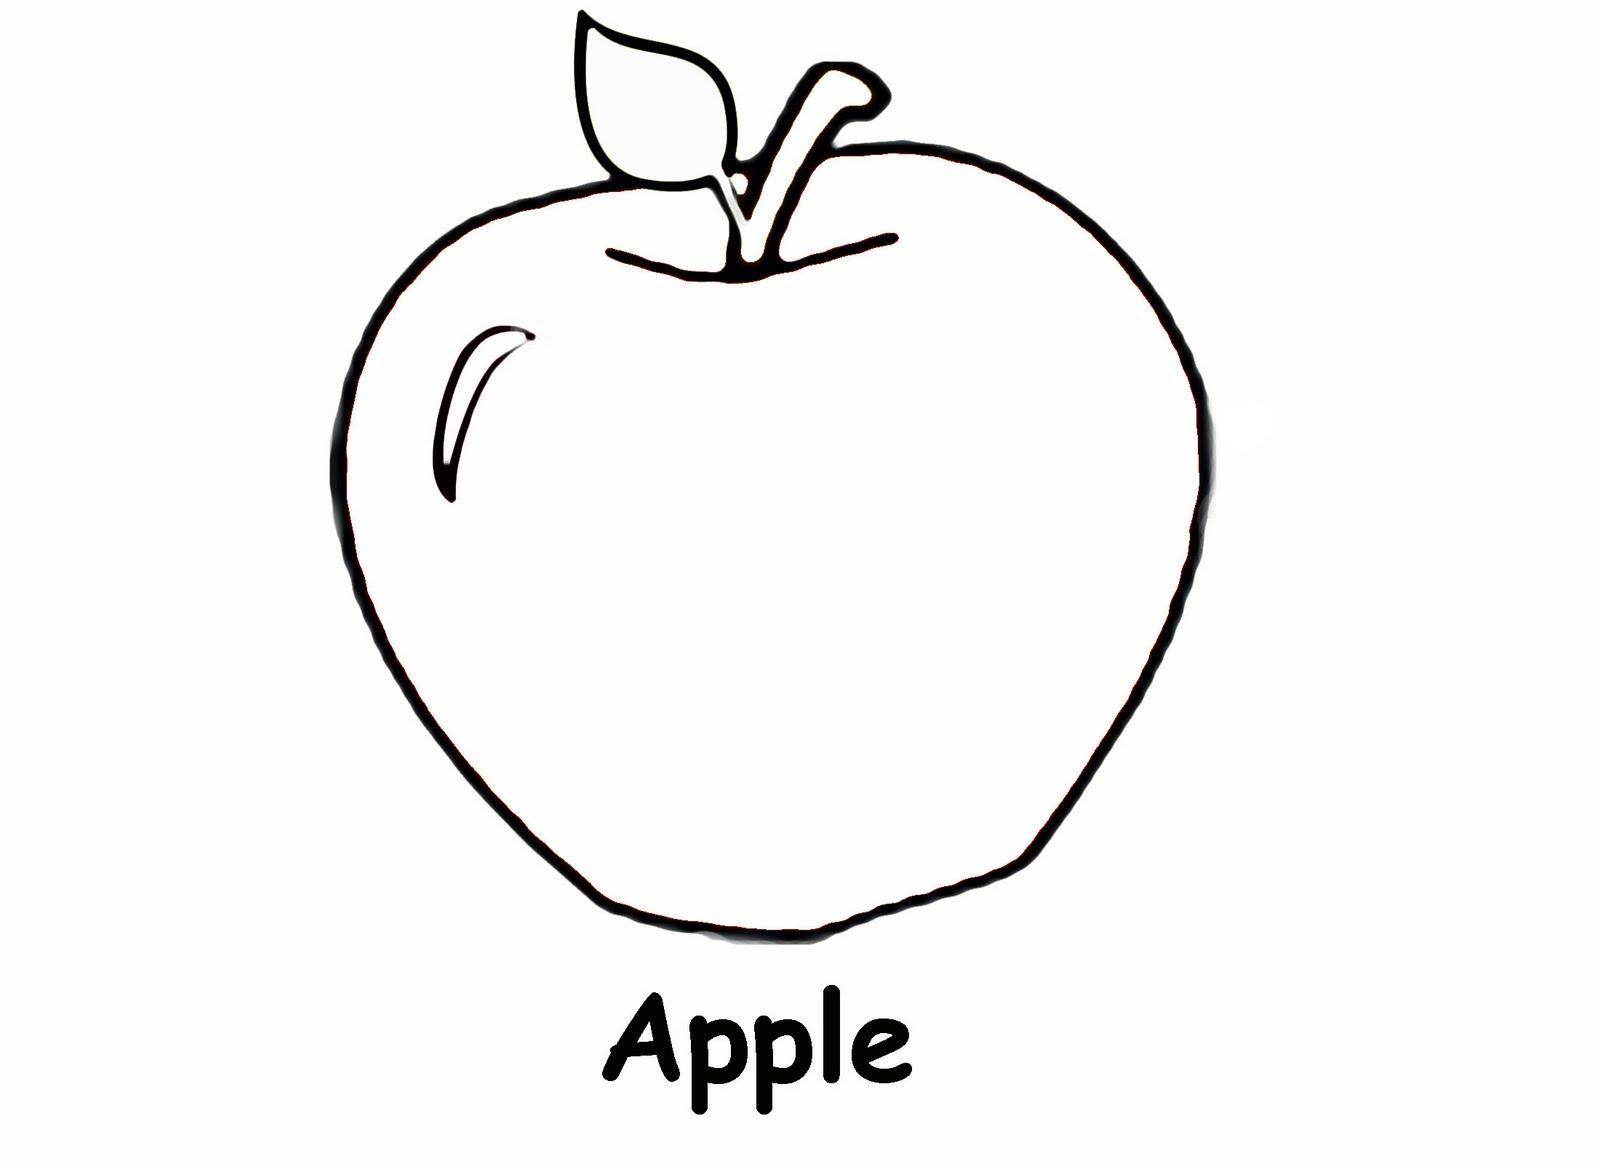 diagram of an apple worksheet audi a4 1 8t engine elma Şablonları sınıf Öğretmenleri İçin Ücretsiz Özgün